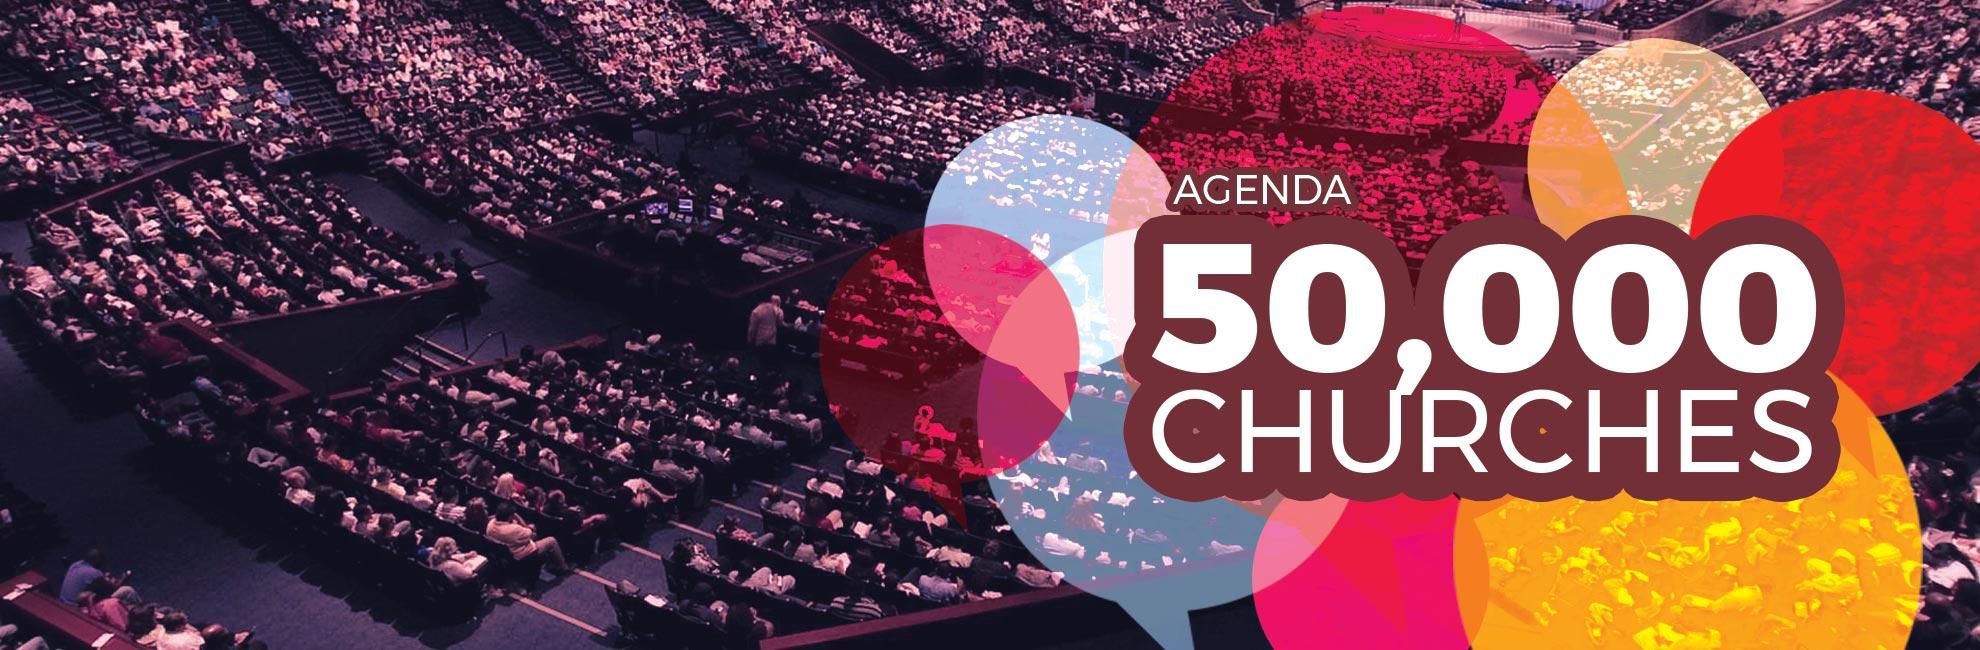 Agenda 50,000 churches